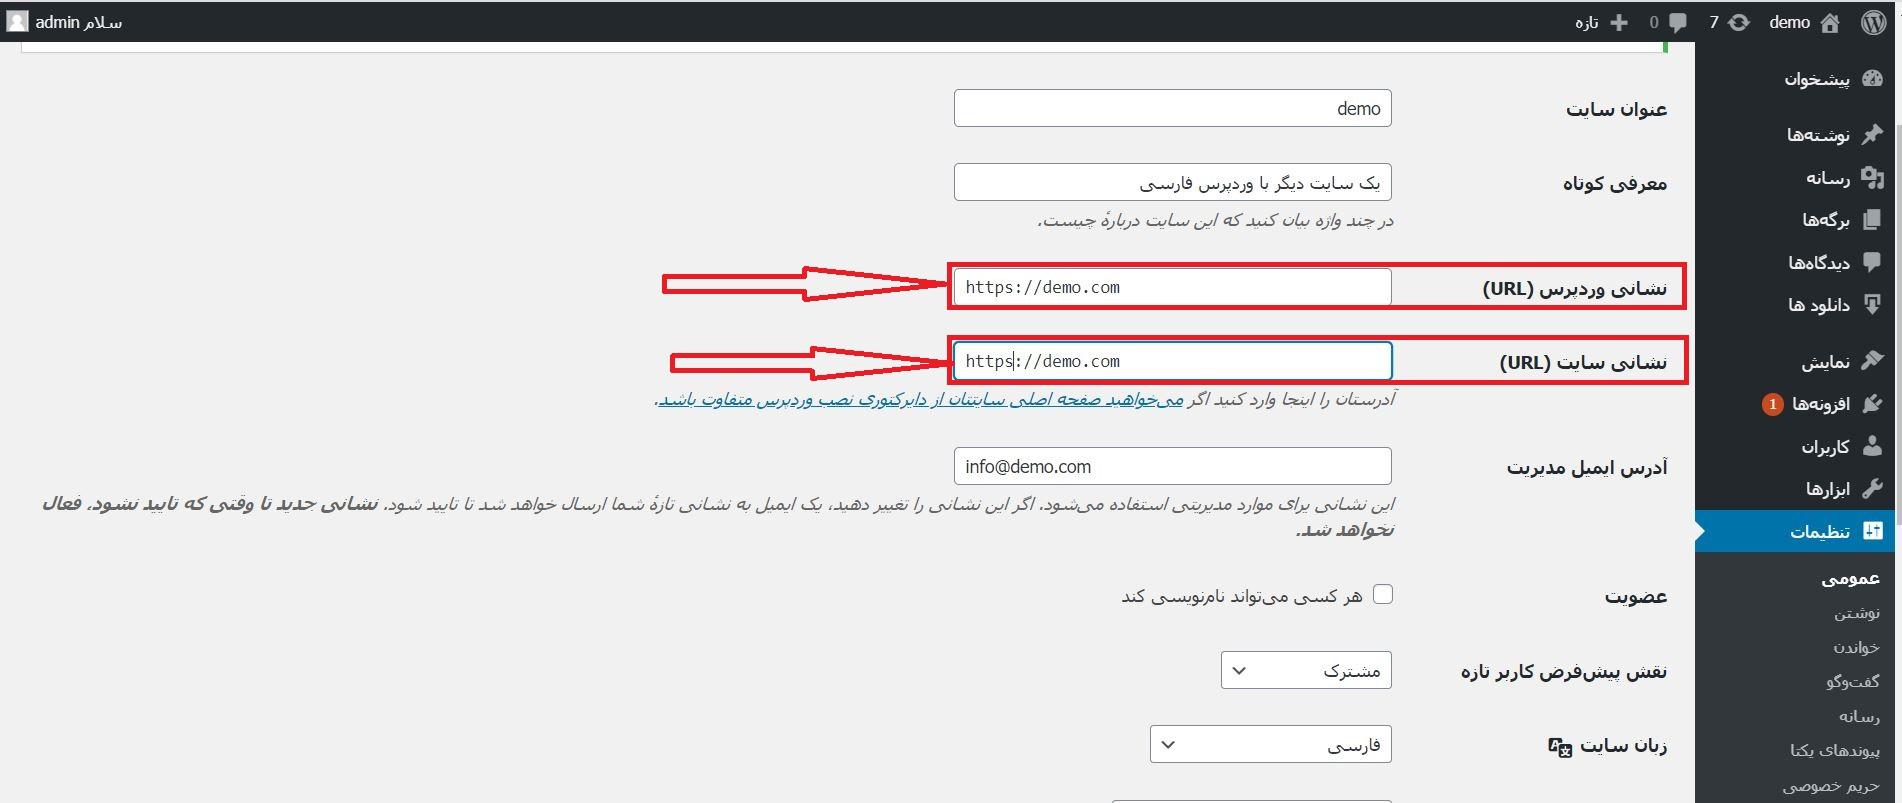 آموزش فعال سازی ssl در وردپرس و تبدیل آدرس های وردپرس به https